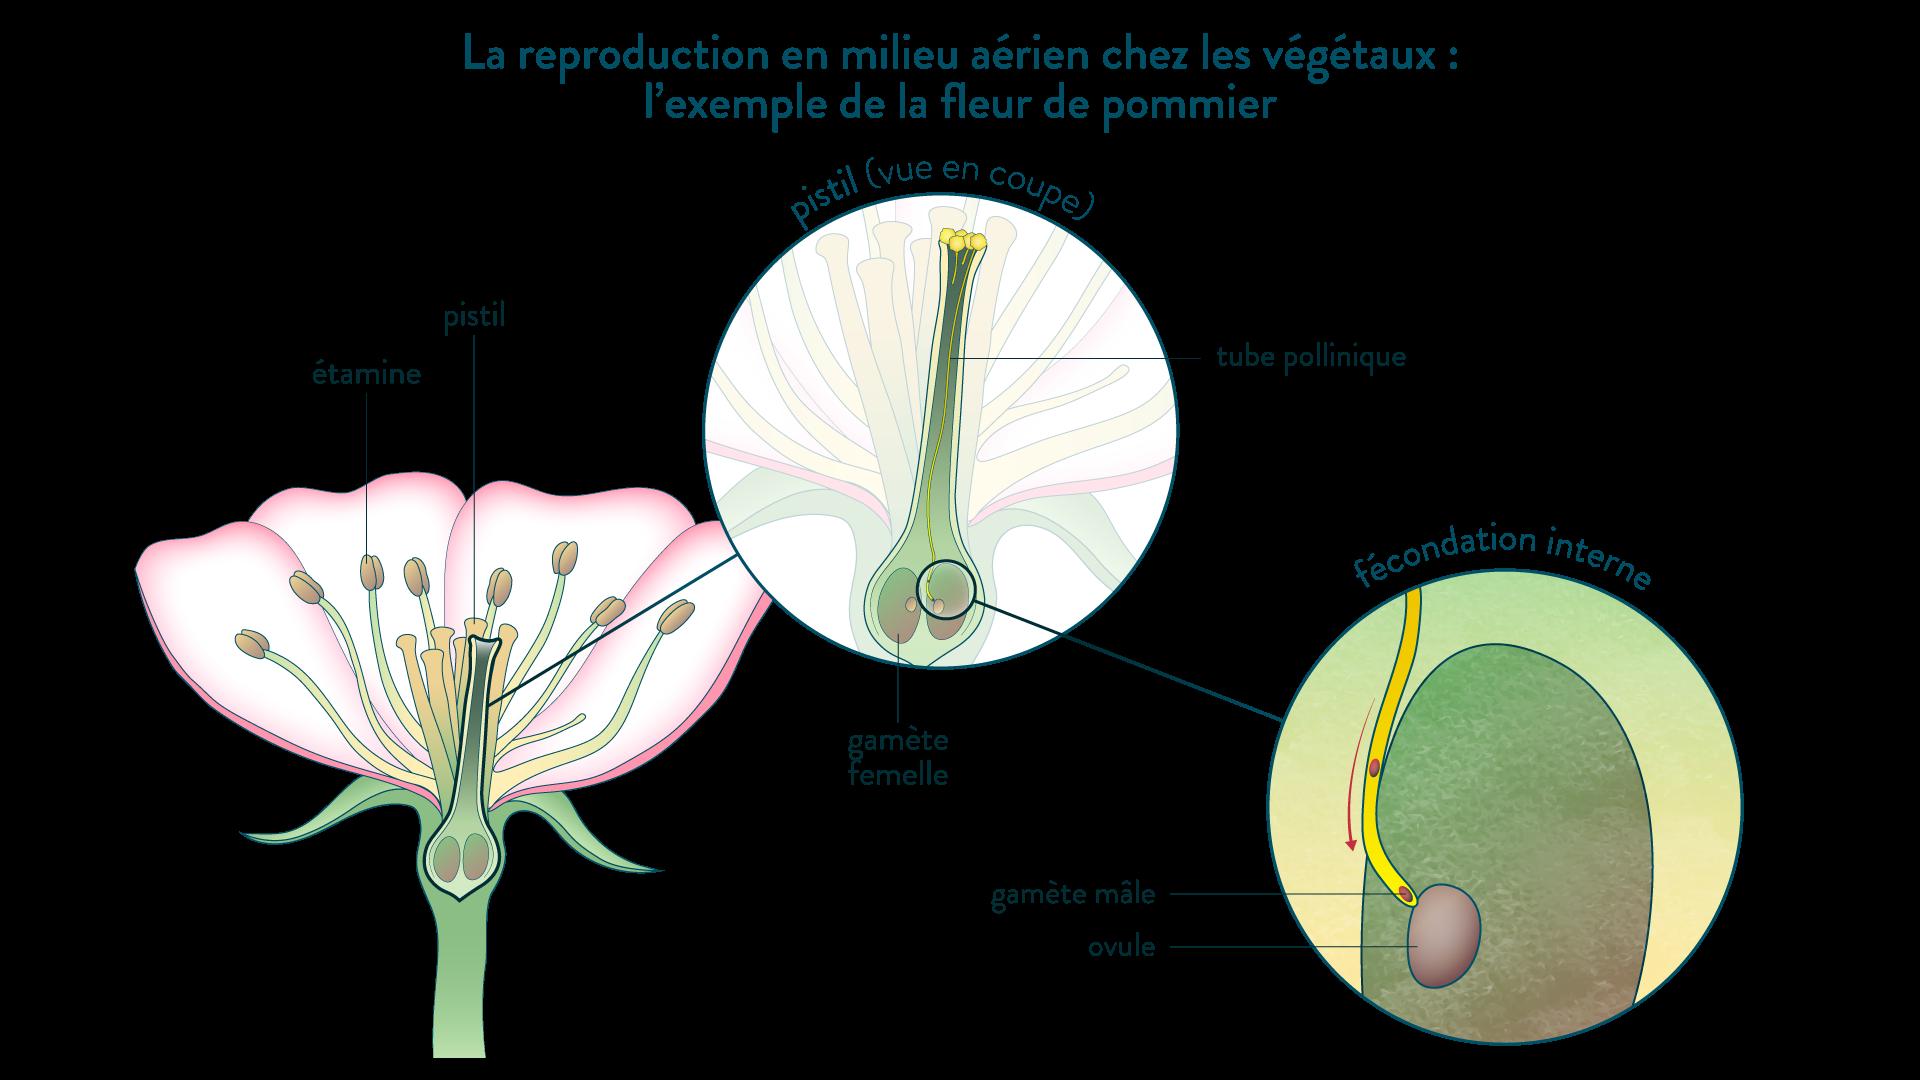 La reproduction en milieu aérien chez les plantes à fleur, exemple de la fleur de pommier